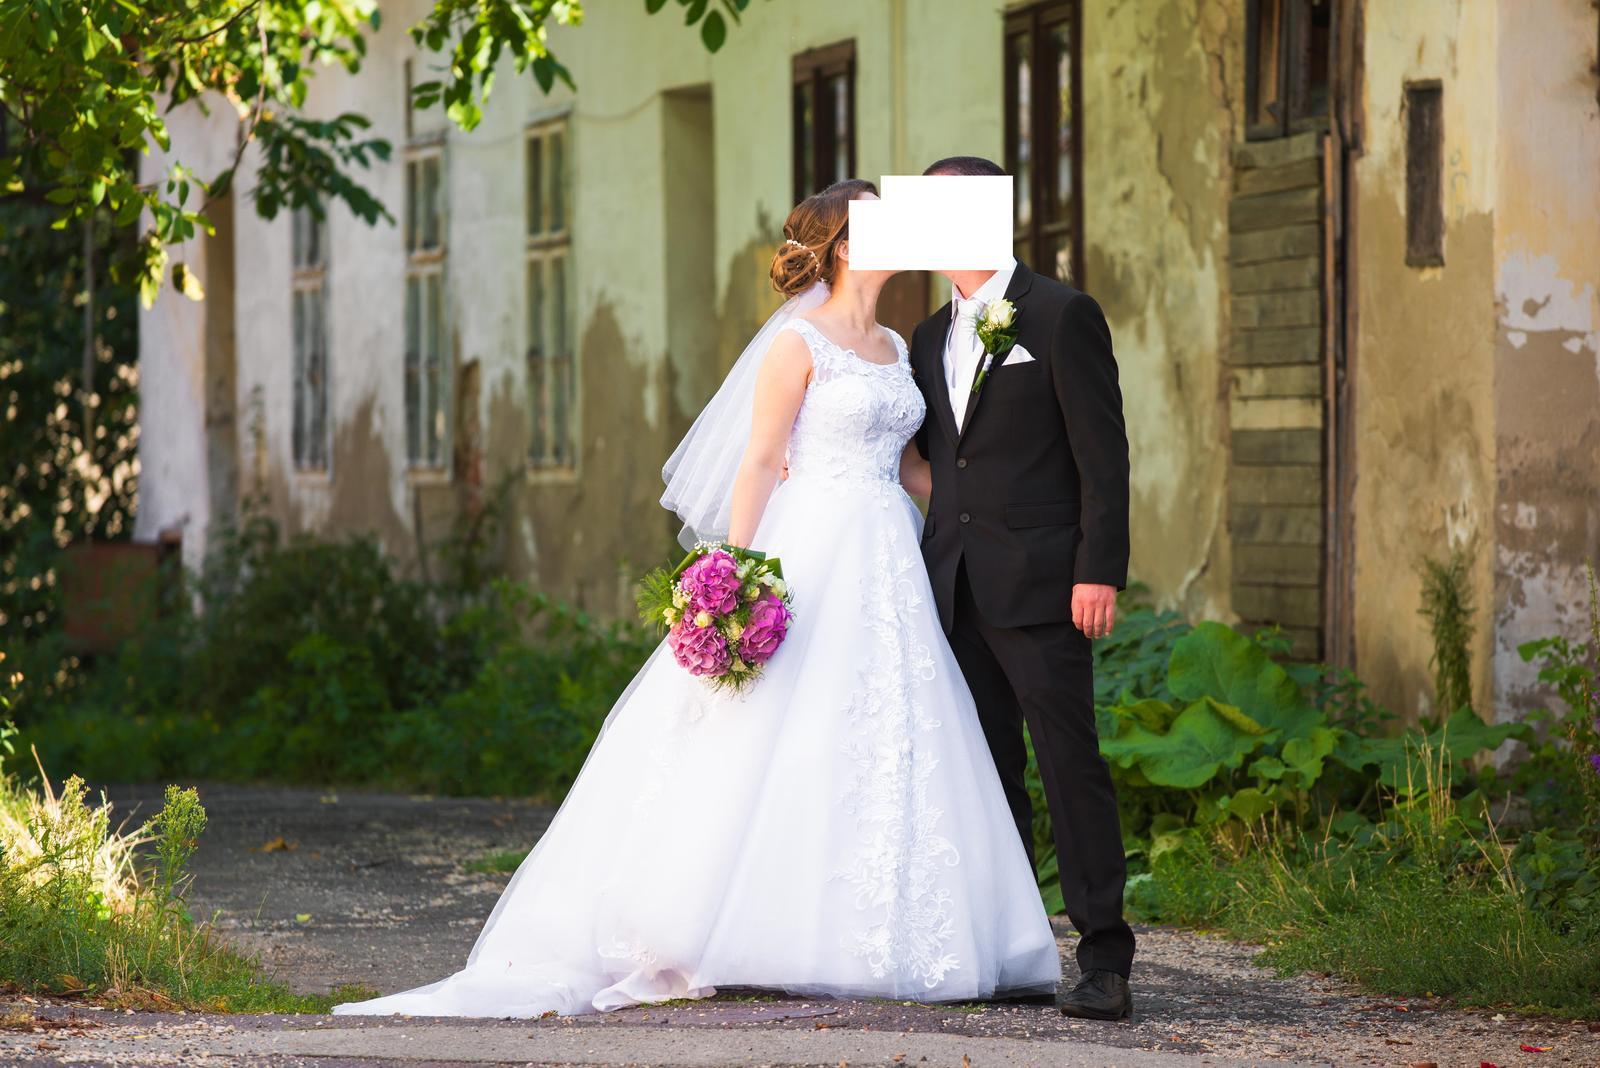 Biele svadobné šaty s vlečkou 36-38 - Obrázok č. 1